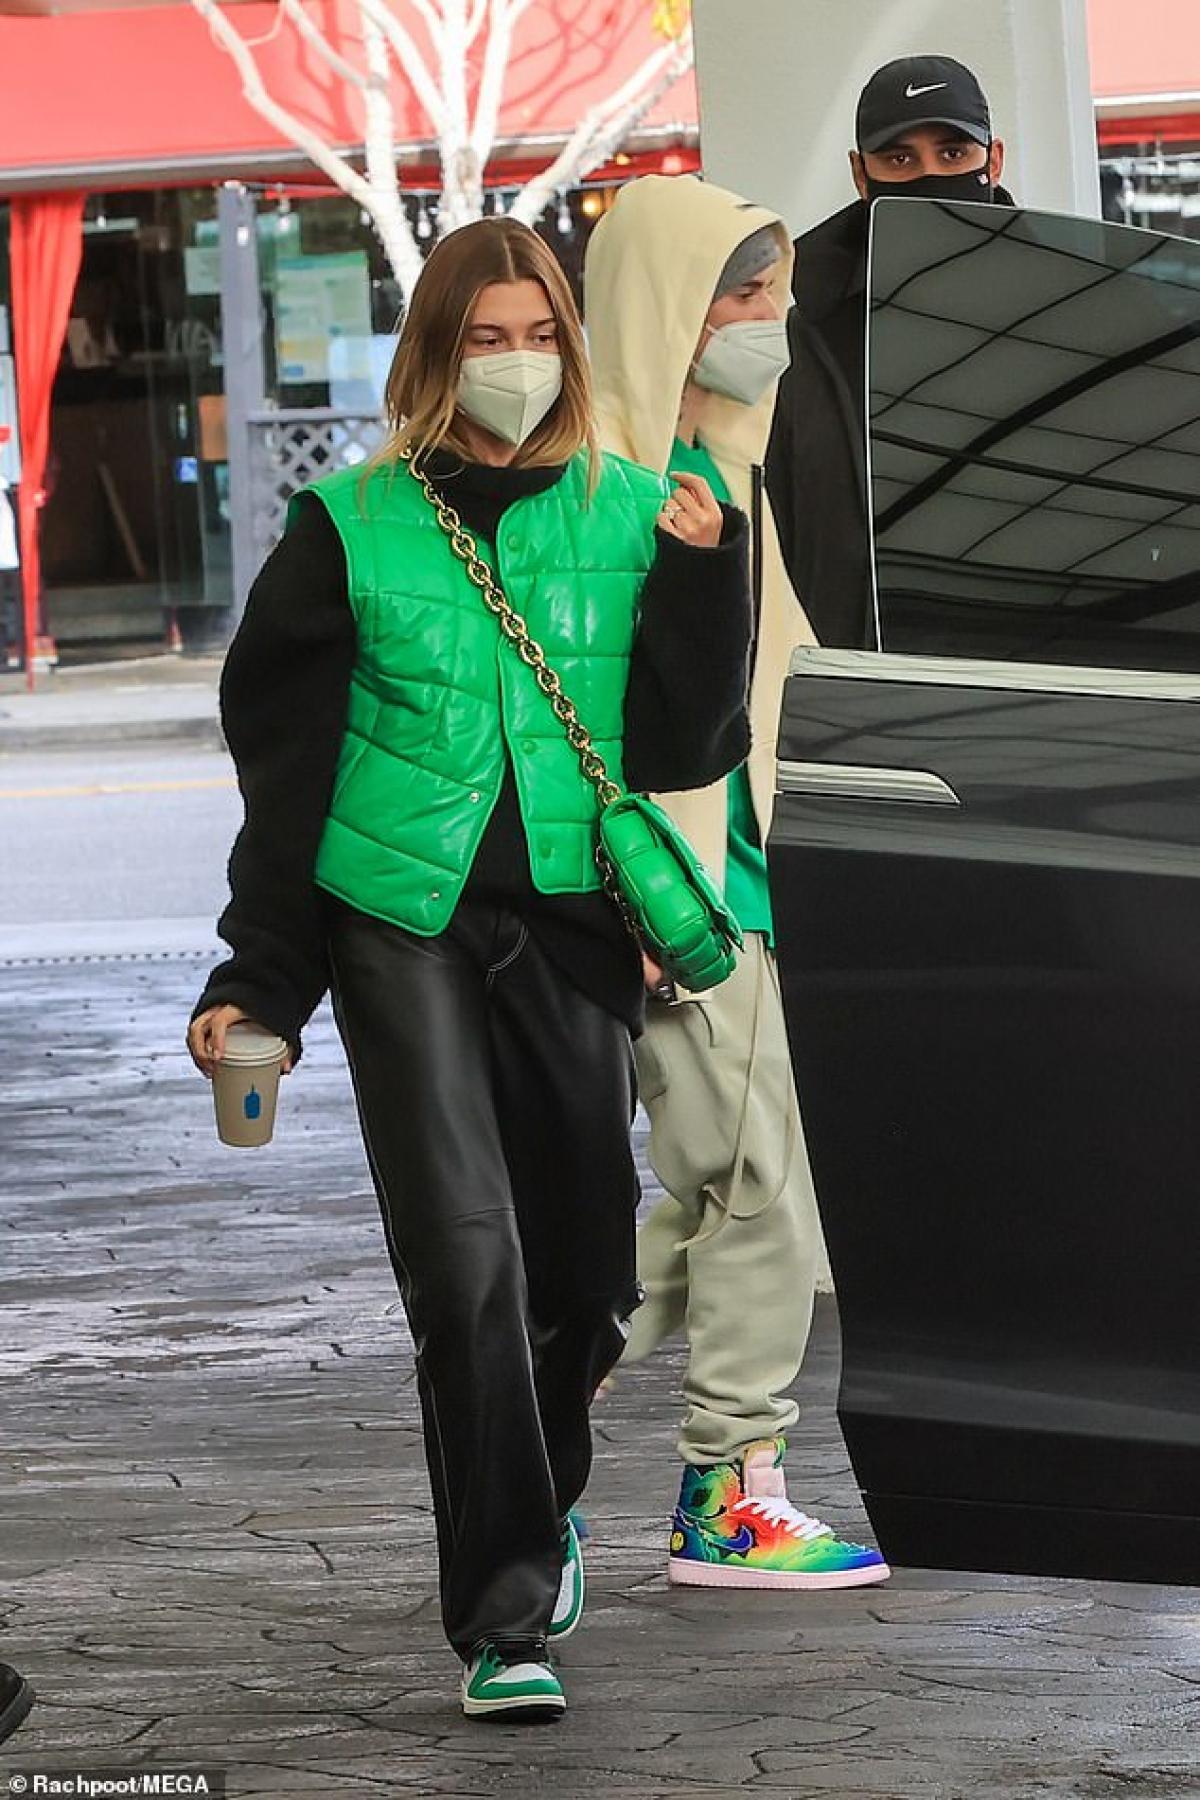 Trong cuộc phỏng vấn với chương trình The Ellen DeGeneres Show phát sóng trên truyền hình Mỹ hồi cuối năm ngoái, Justin Bieber cho biết, Hailey Bieber không muốn chồng có thêm hình xăm và anh để trống một phần ở lưng để xăm hình xăm dành cho con của mình.